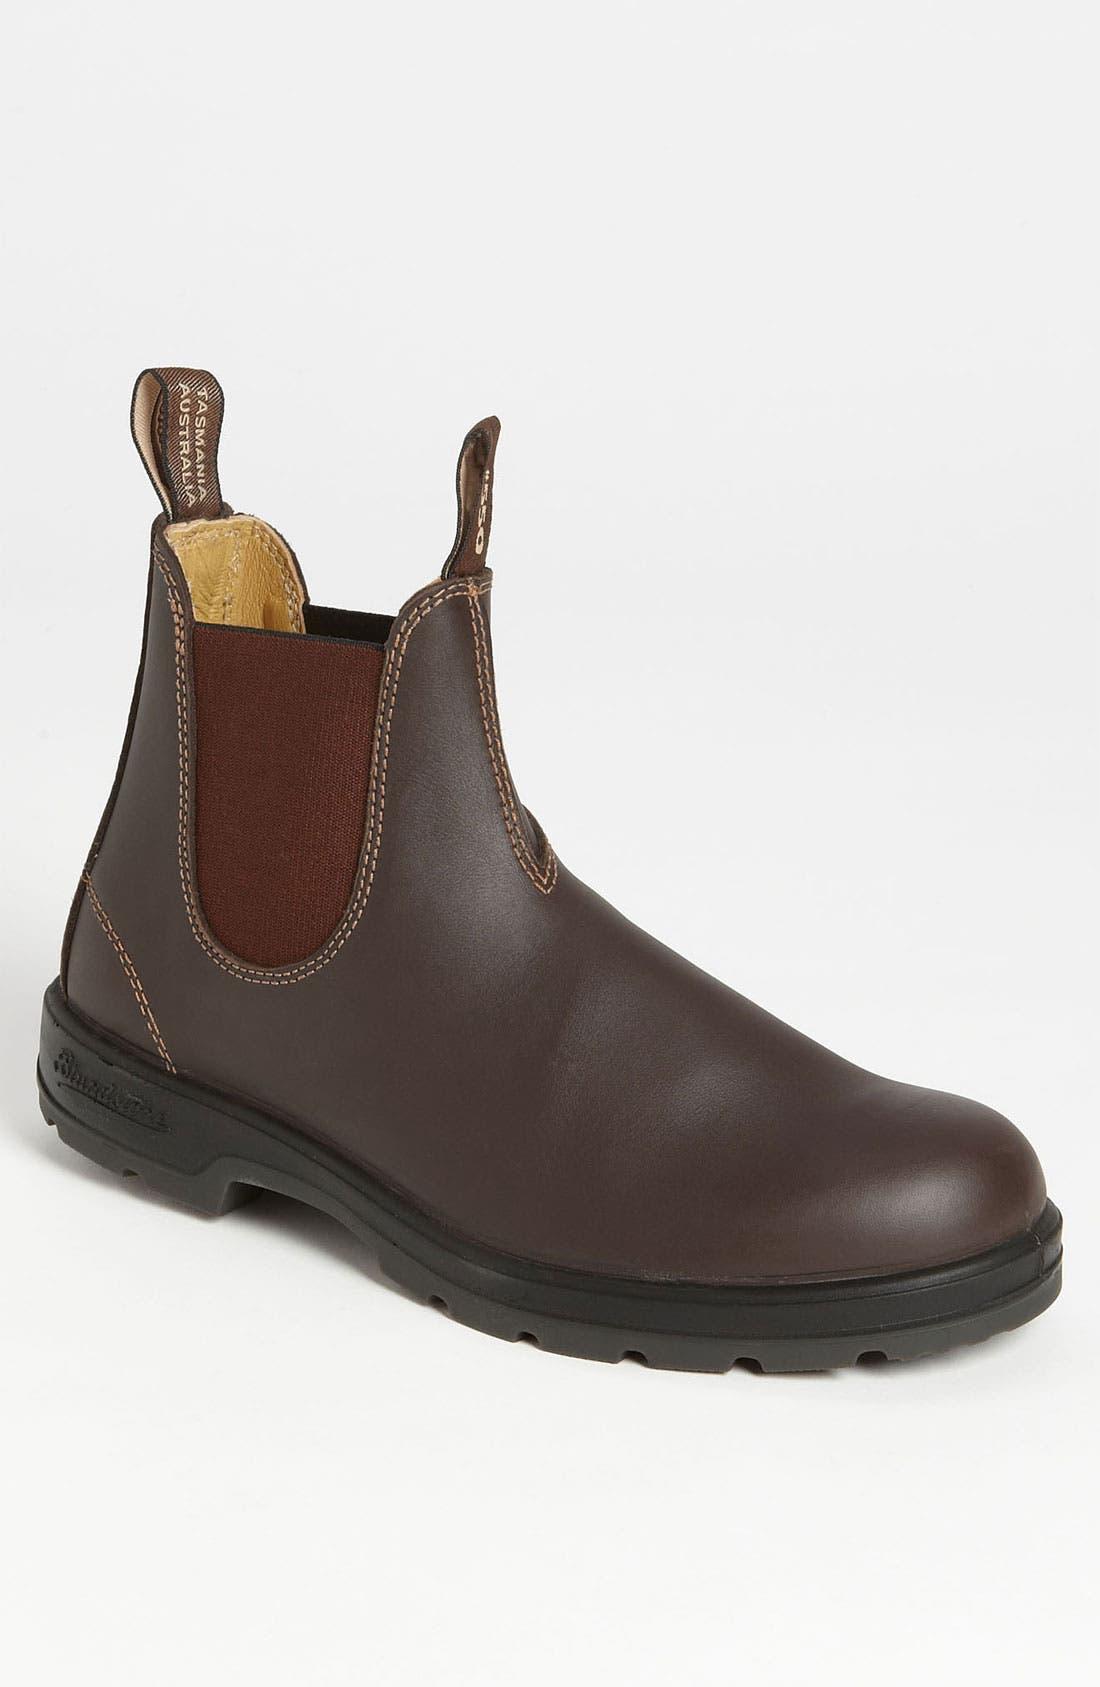 Blundstone Footwear Chelsea Boot, Brown